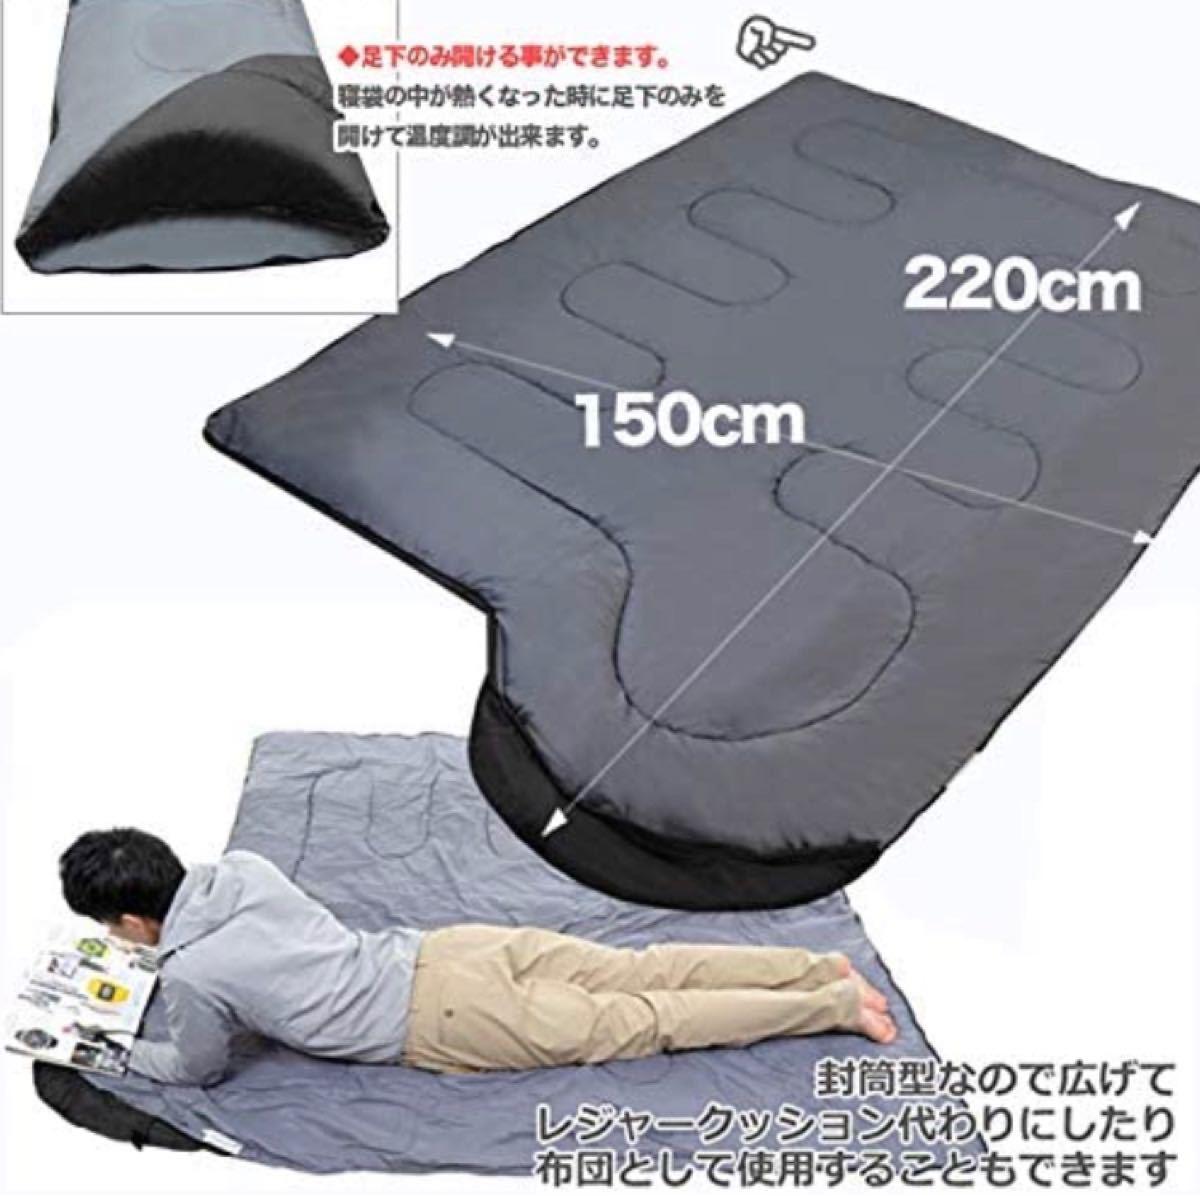 寝袋 丸洗い 抗菌仕様 キャンプ アウトドア シュラフ 車中泊 コンパクト 人気